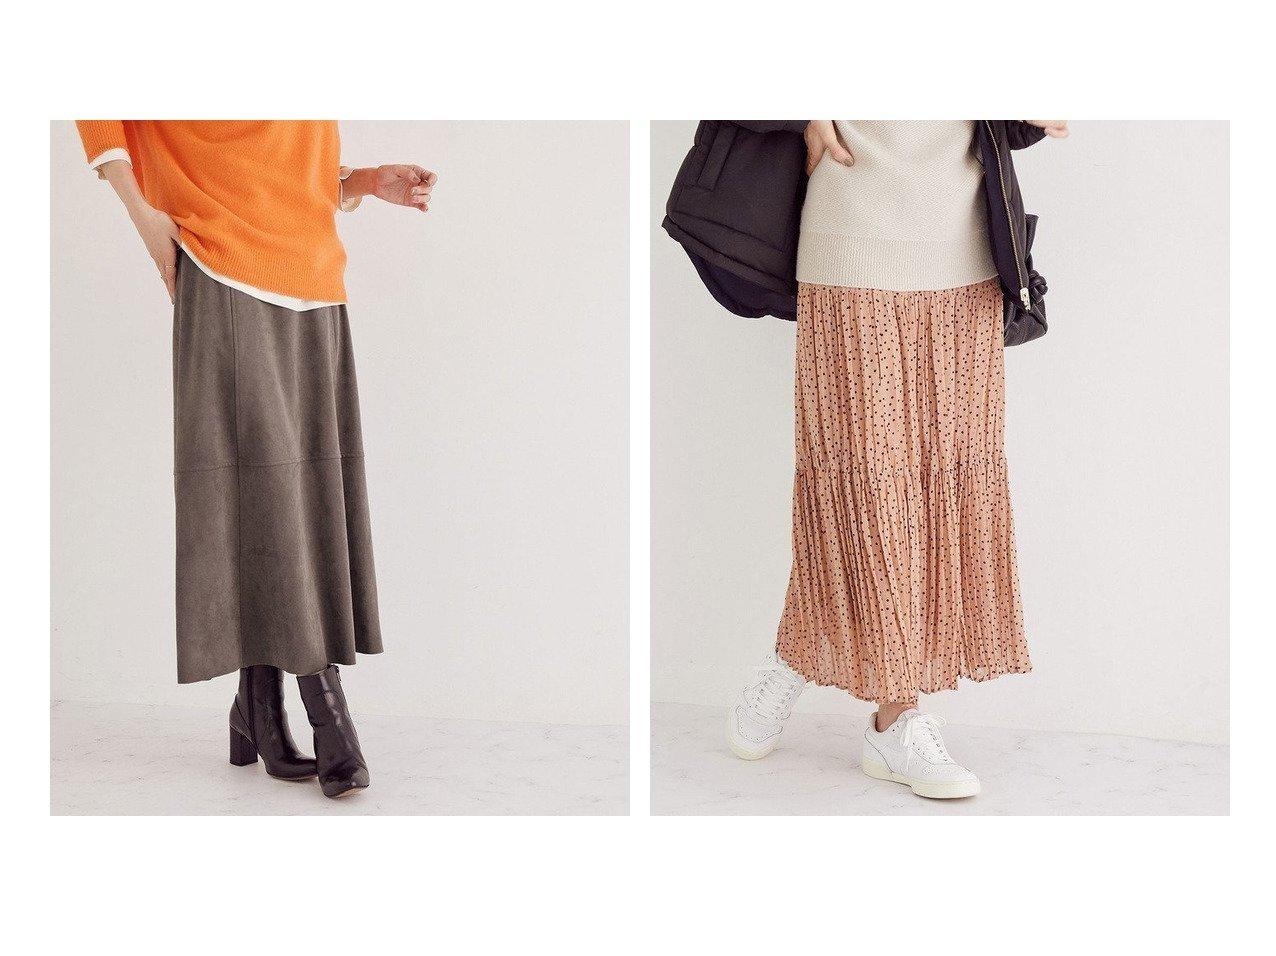 【ROPE/ロペ】のティアード楊柳プリーツスカート&フェイクスエードセミフレアスカート スカートのおすすめ!人気、レディースファッションの通販  おすすめで人気のファッション通販商品 インテリア・家具・キッズファッション・メンズファッション・レディースファッション・服の通販 founy(ファニー) https://founy.com/ ファッション Fashion レディース WOMEN スカート Skirt Aライン/フレアスカート Flared A-Line Skirts プリーツスカート Pleated Skirts オレンジ ジャージ スエード ビビッド フォルム ベーシック ホールガーメント ワーク 冬 Winter ティアード ドット パーカー ビッグ フレア プリント プリーツ ロング 無地  ID:crp329100000004026